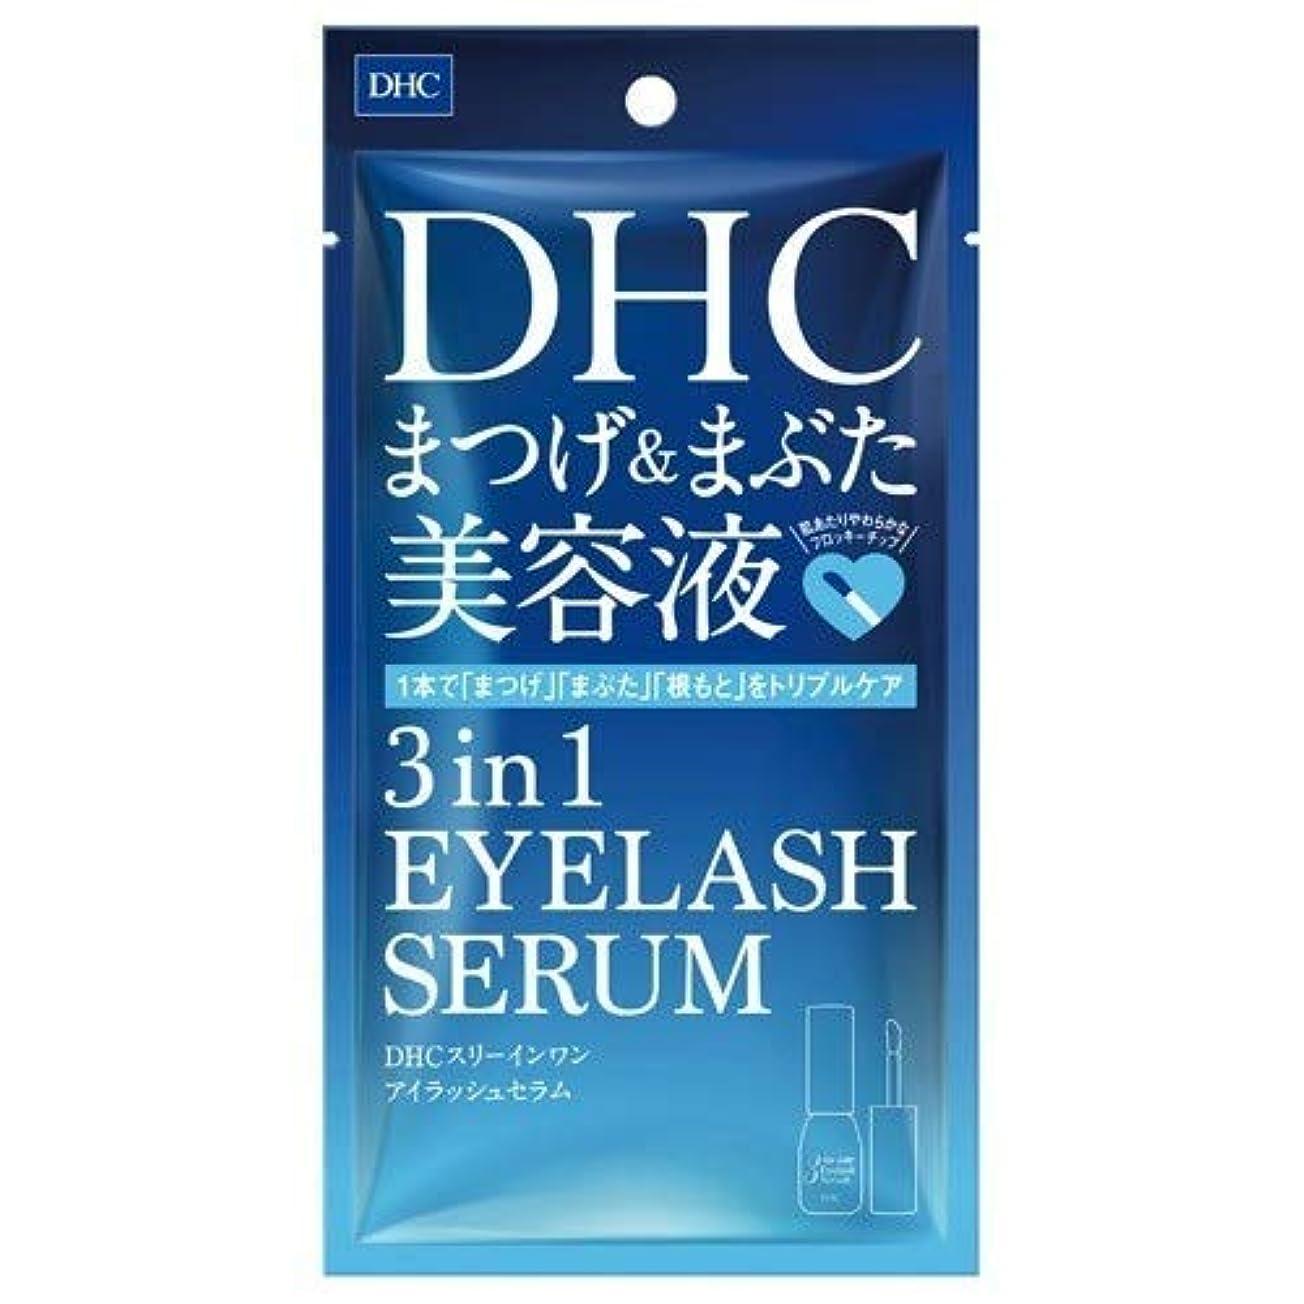 永続一次野生DHC スリーインワンアイラッシュセラム 9ml まつげ&まぶた美容液